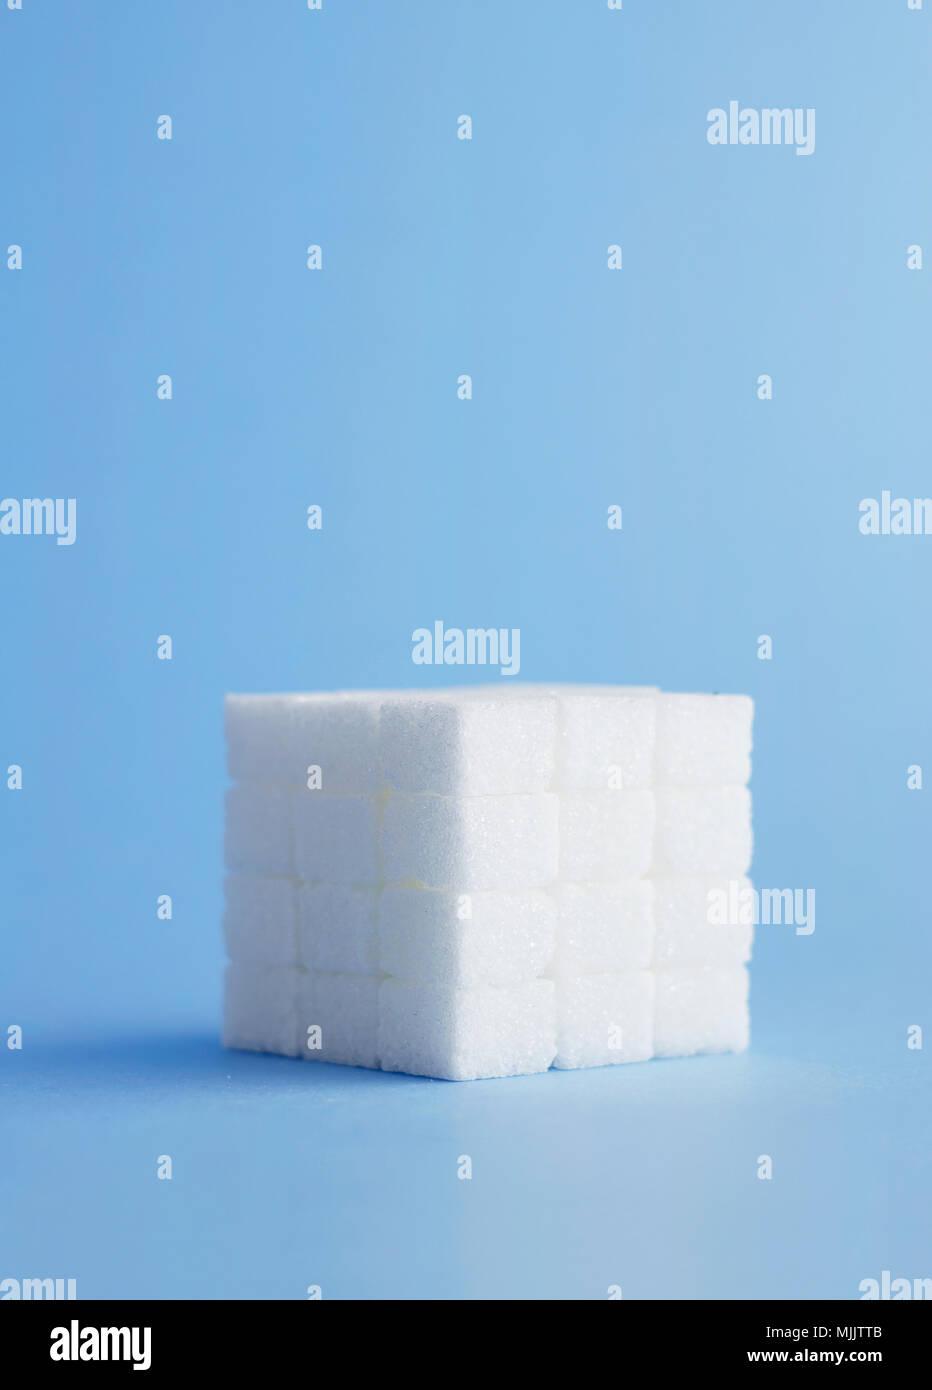 Cube fait de cubes de sucre sur fond bleu Photo Stock